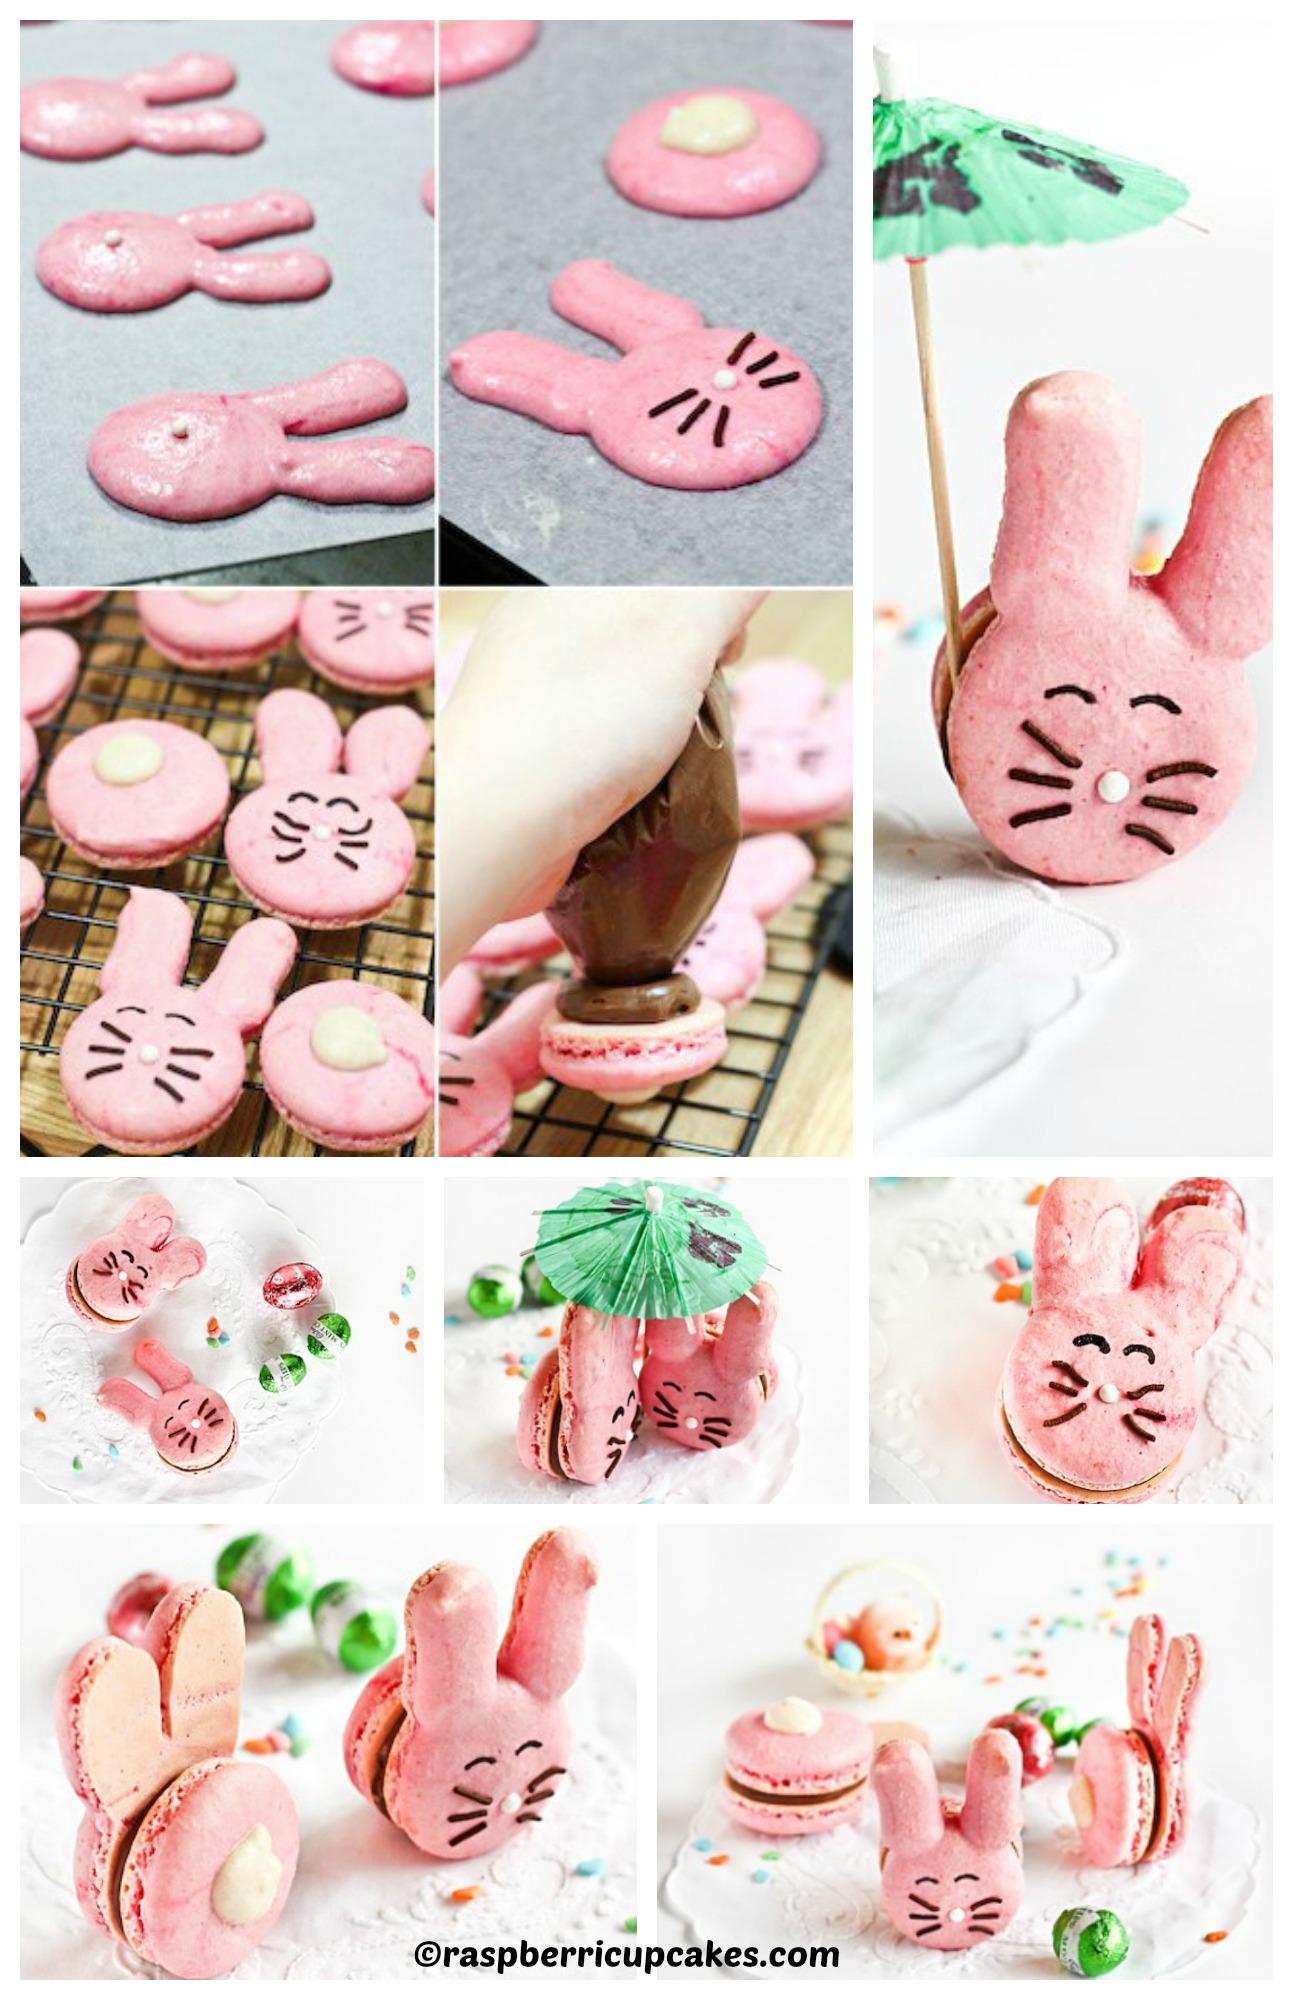 How to make Easter Bunny Macarons